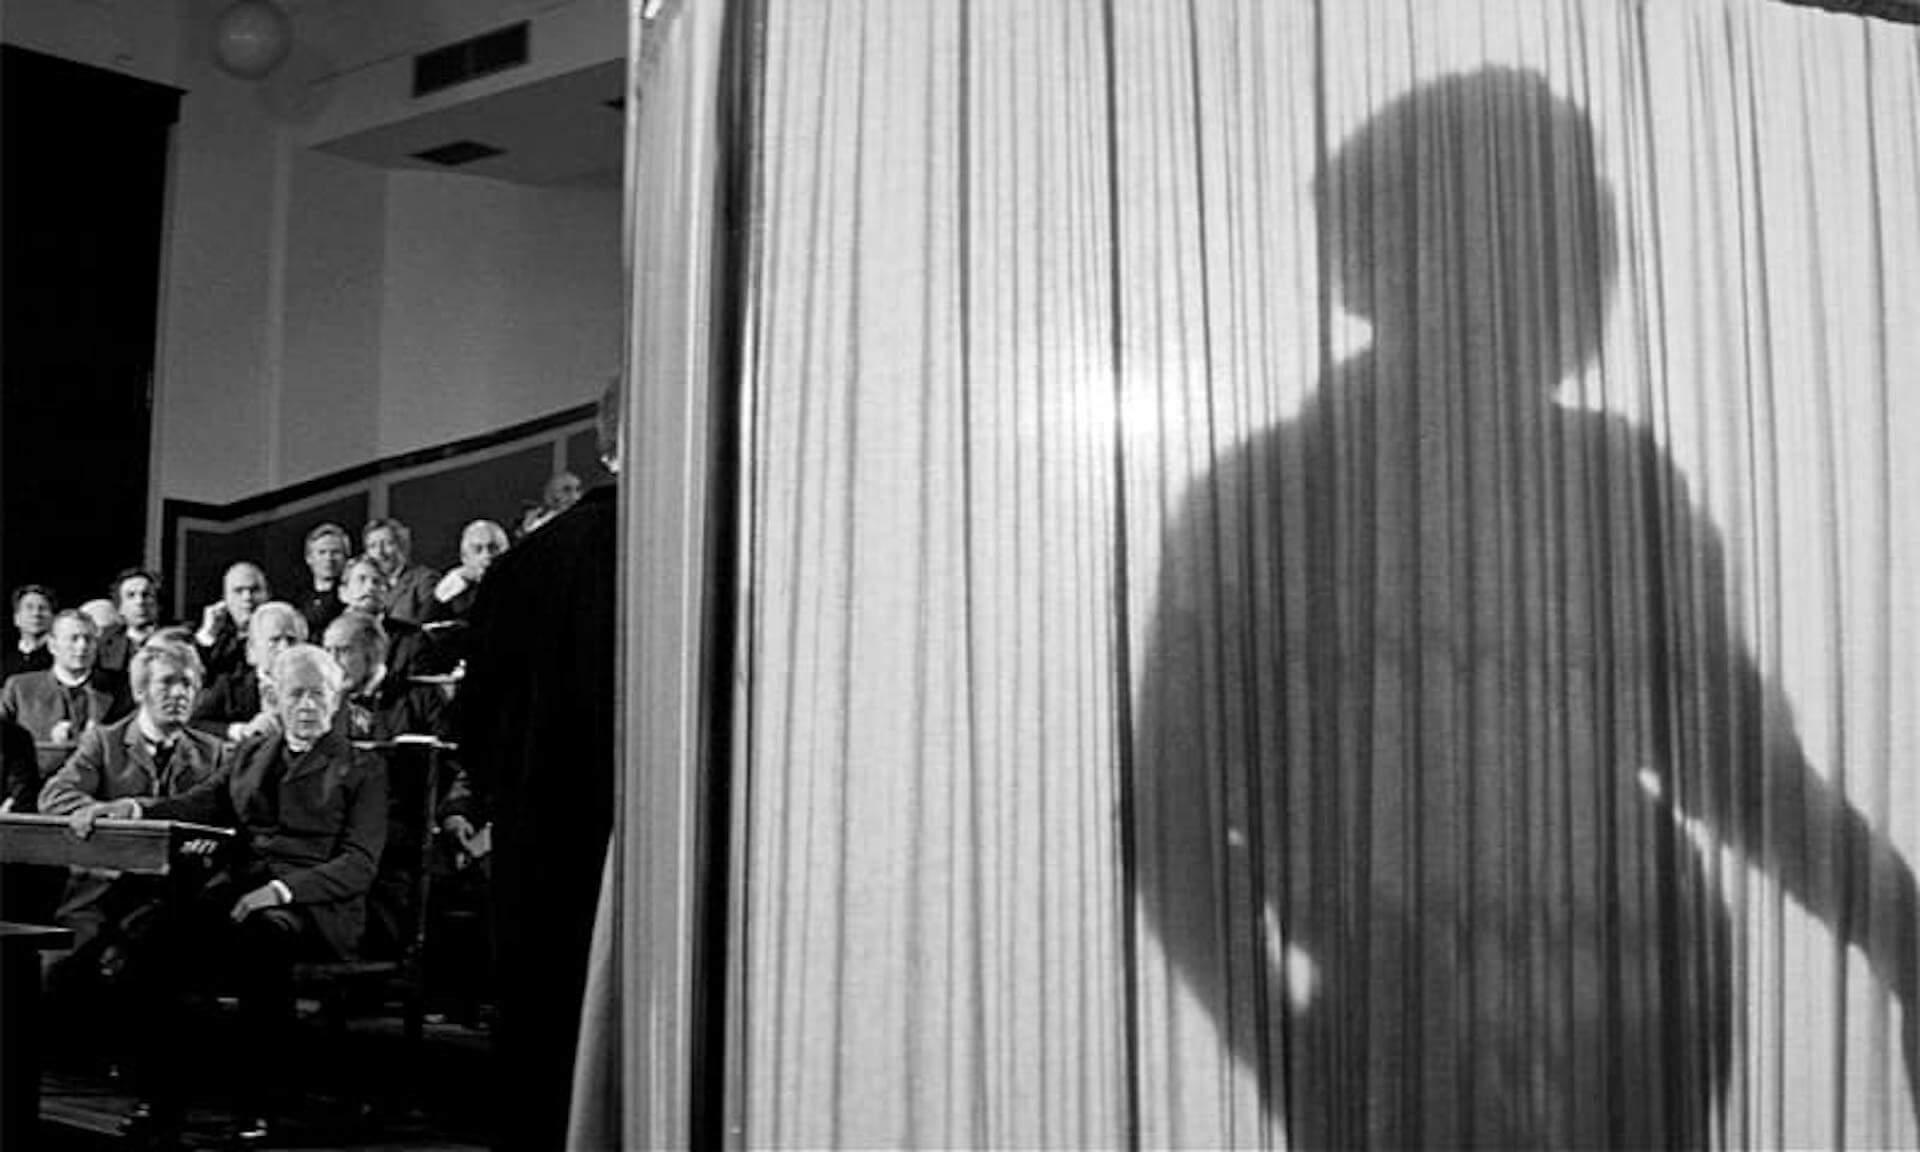 デヴィッド・リンチ最高傑作『エレファント・マン』が4K版で上映決定!自ら製作経緯を語るインタビュー映像が解禁 film200626_elephantman_2